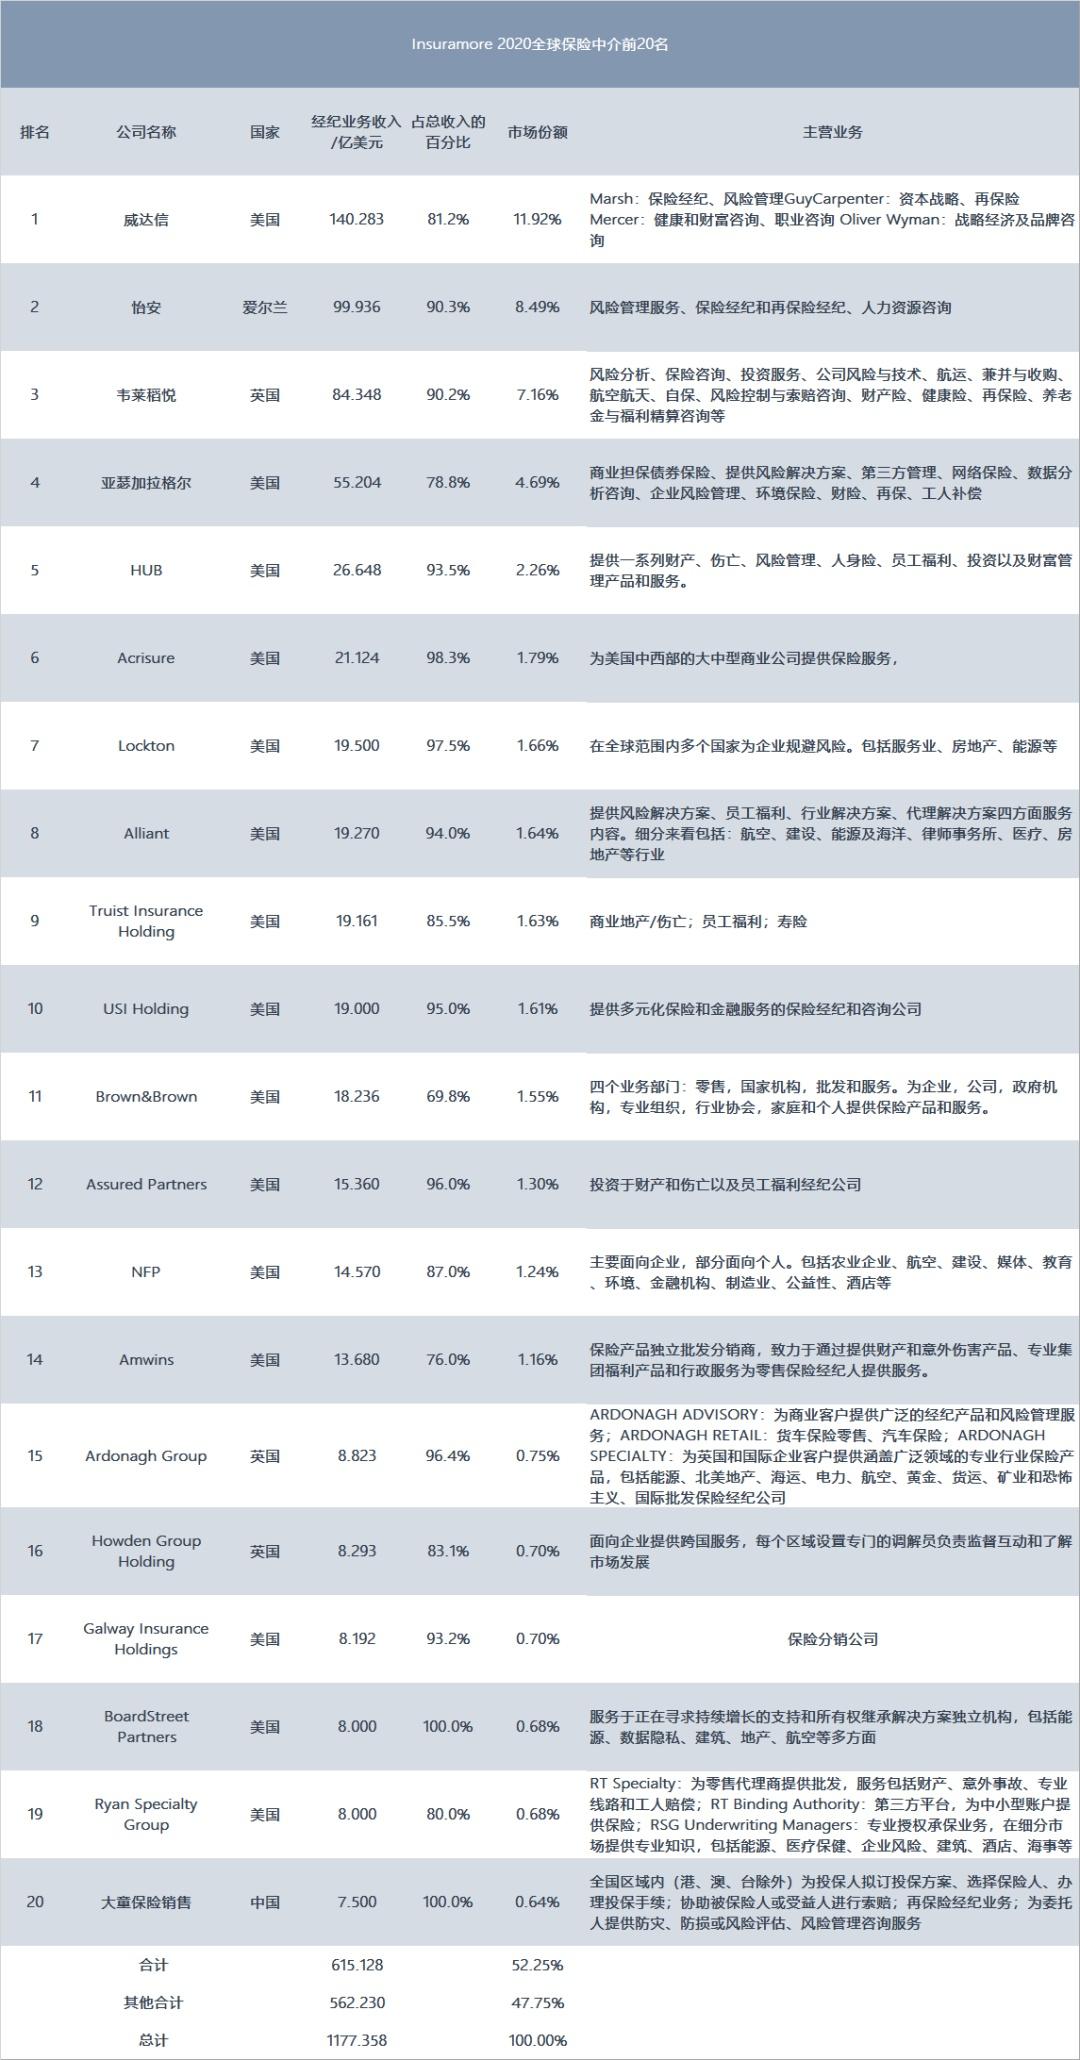 揭秘全球保险中介20强榜单:中国为啥没有世界级经代公司?